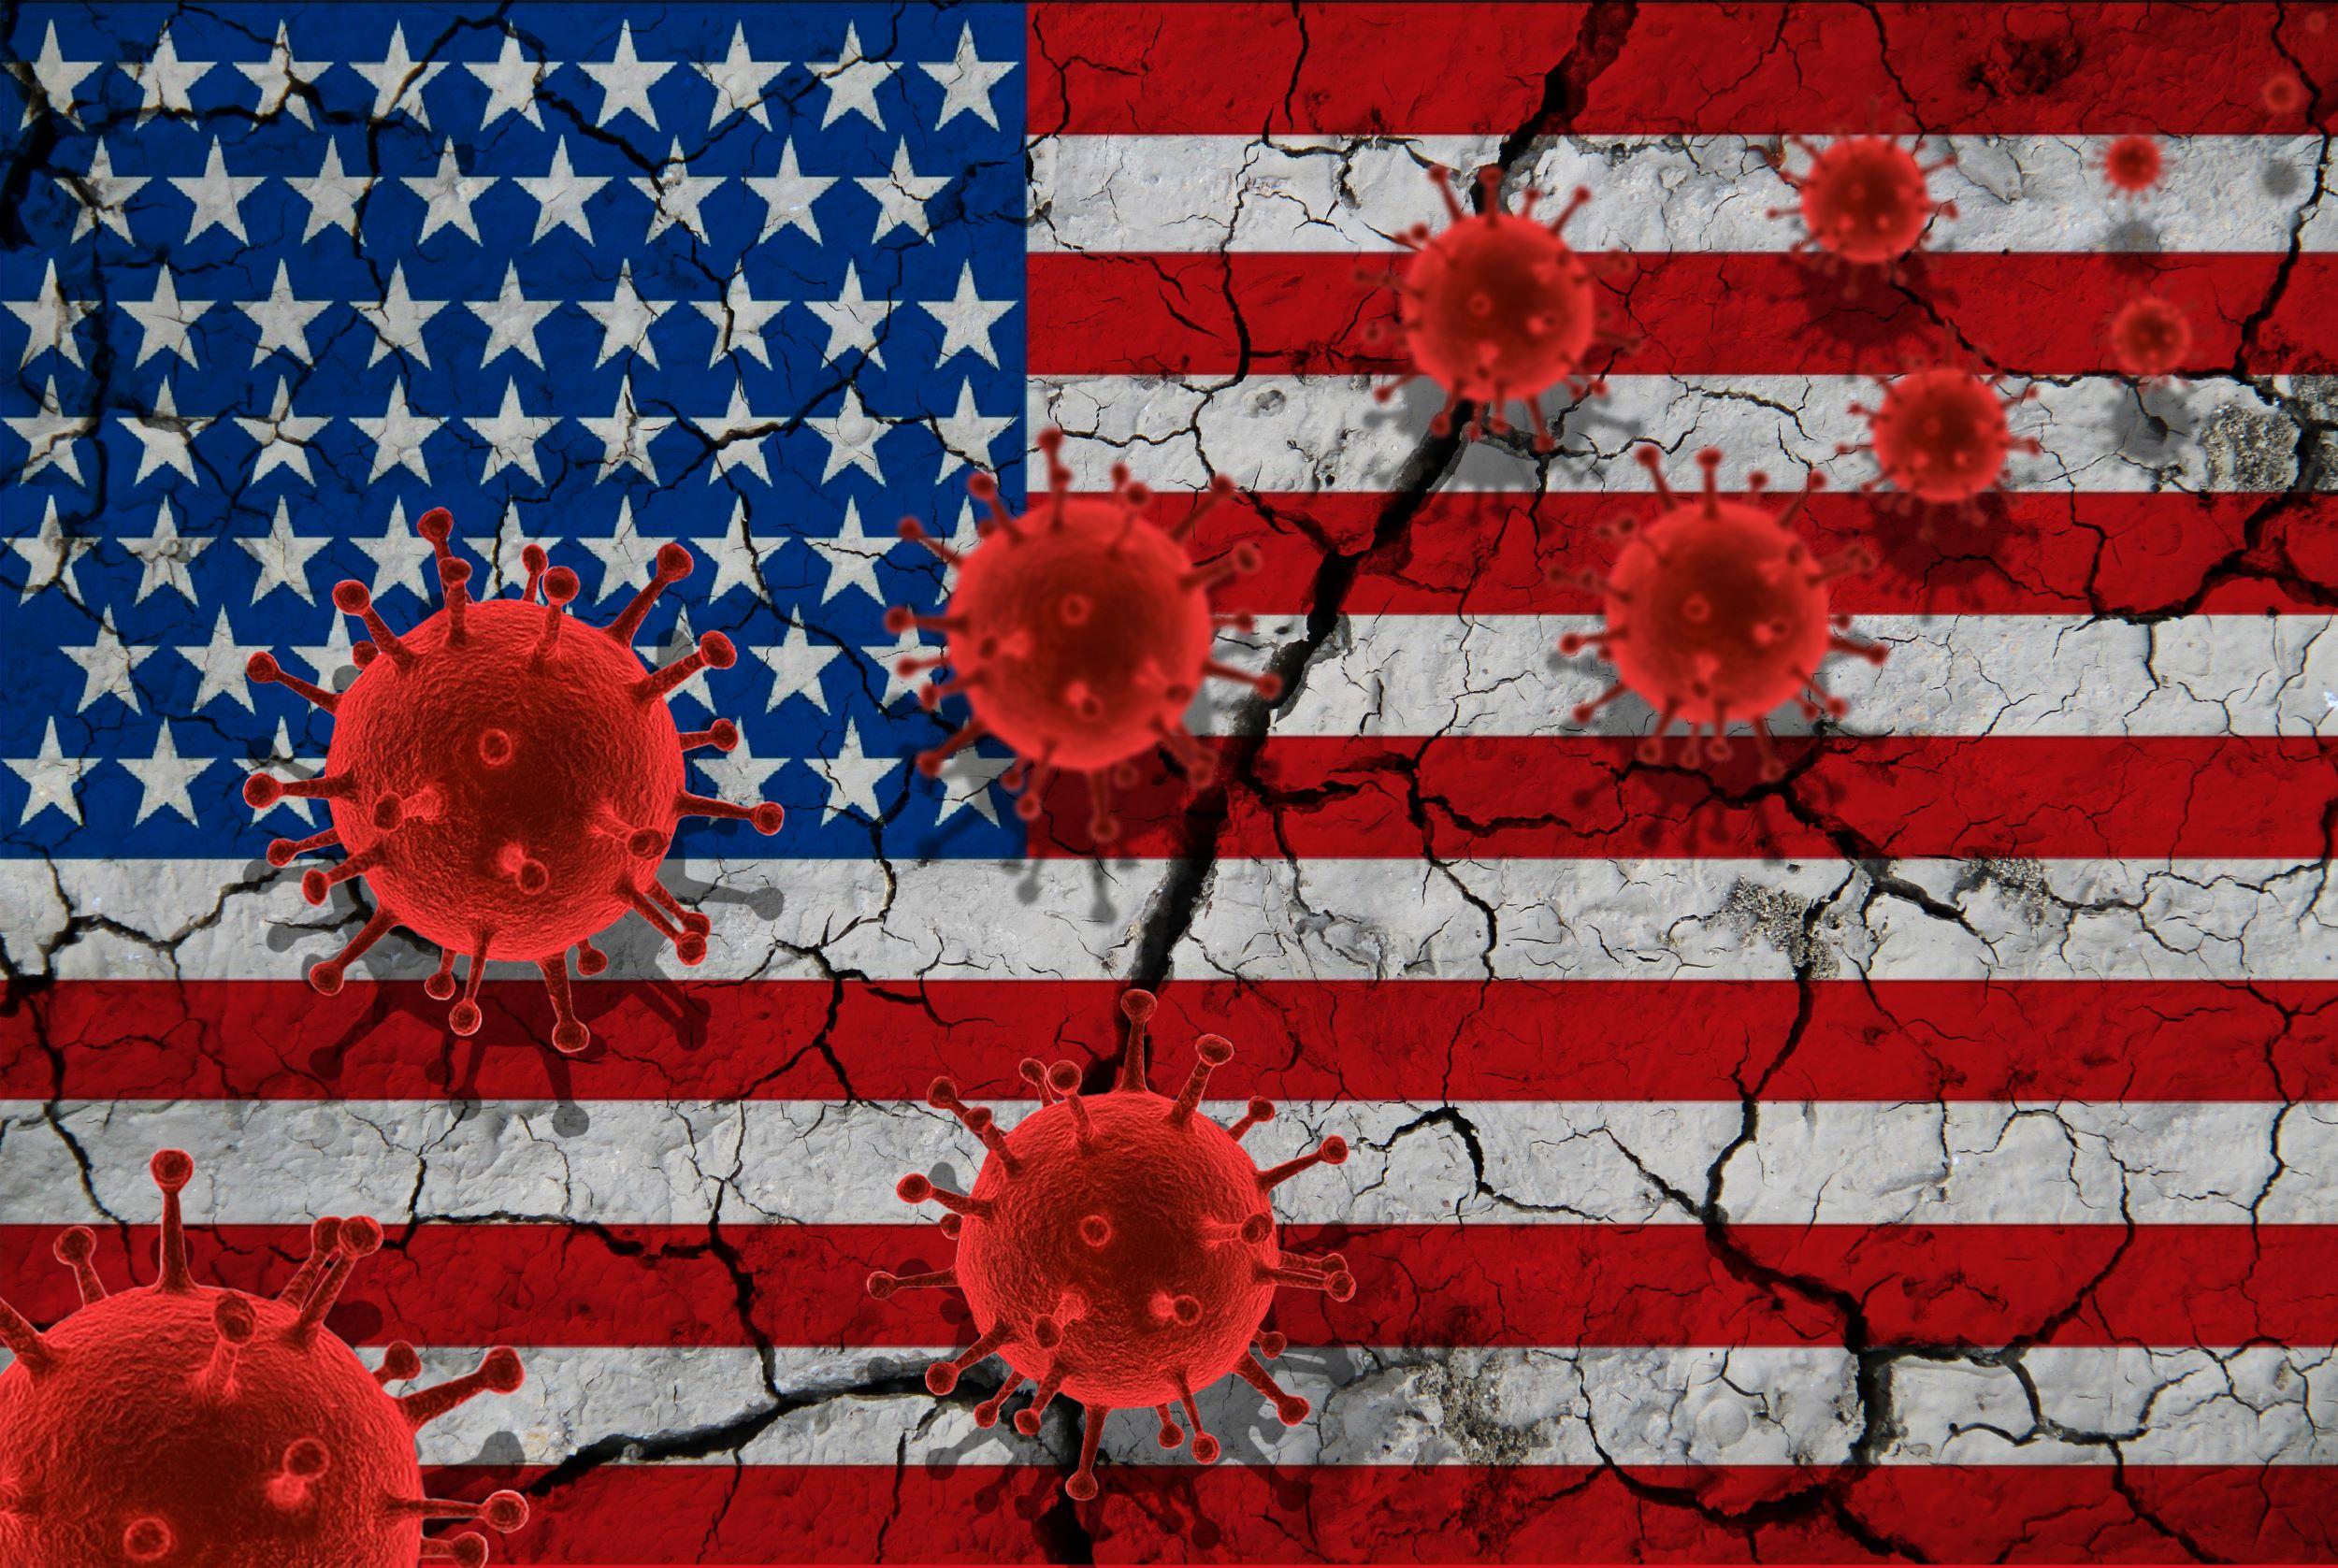 Decontaminate Infectious Disease in America